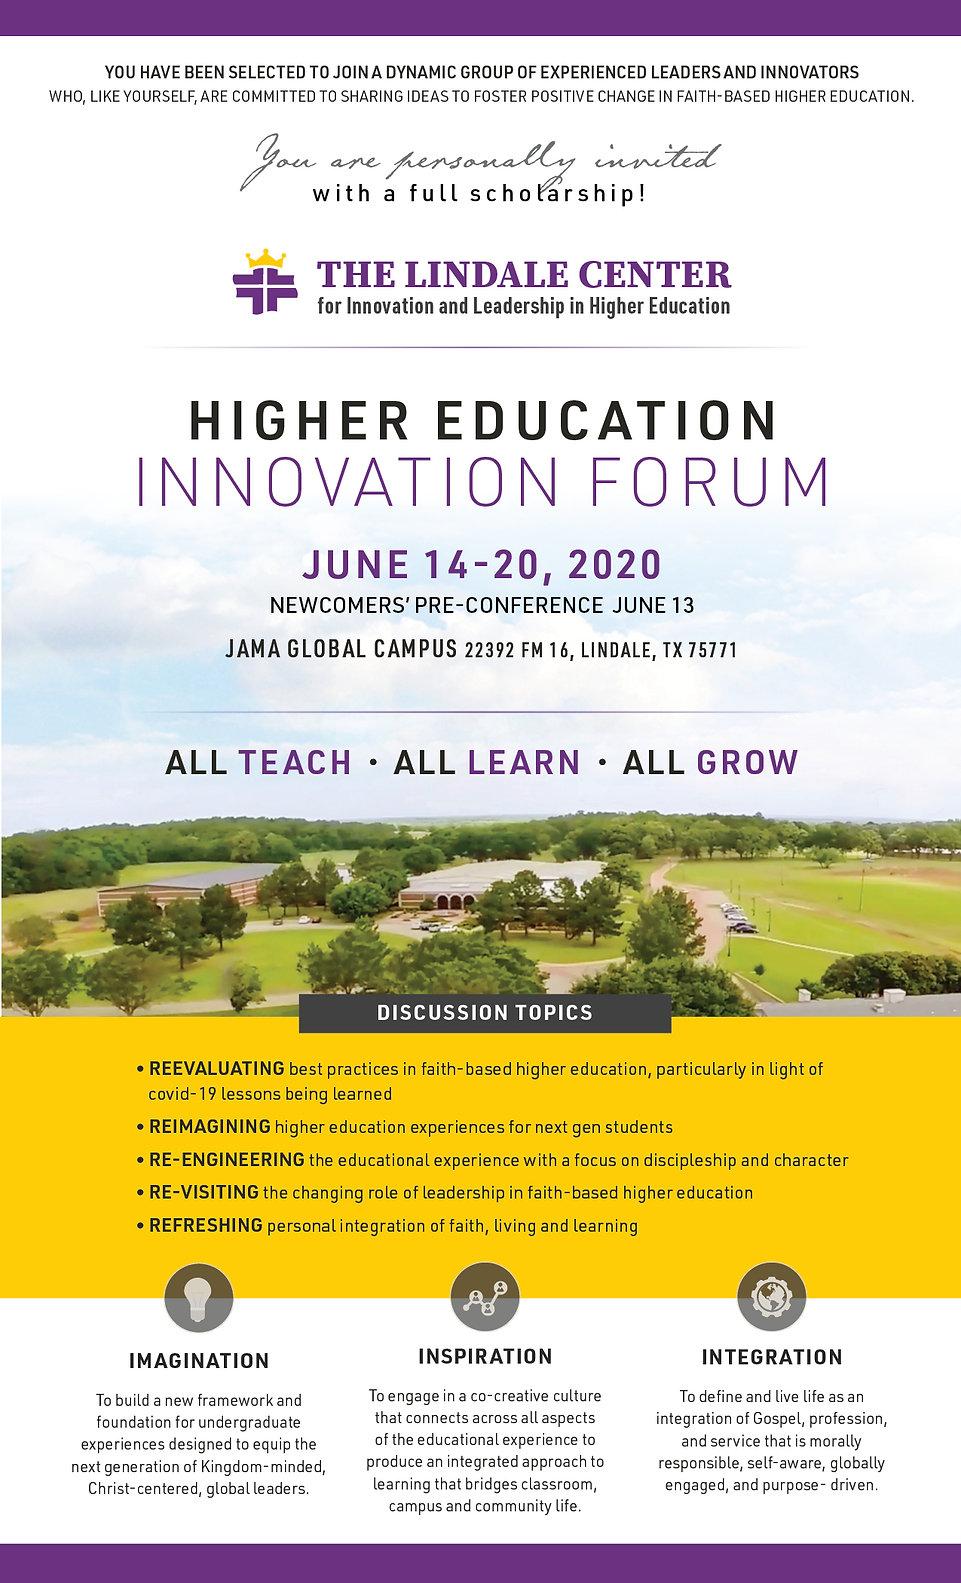 LKC-FacultyLeadershipCenter-invitation-2